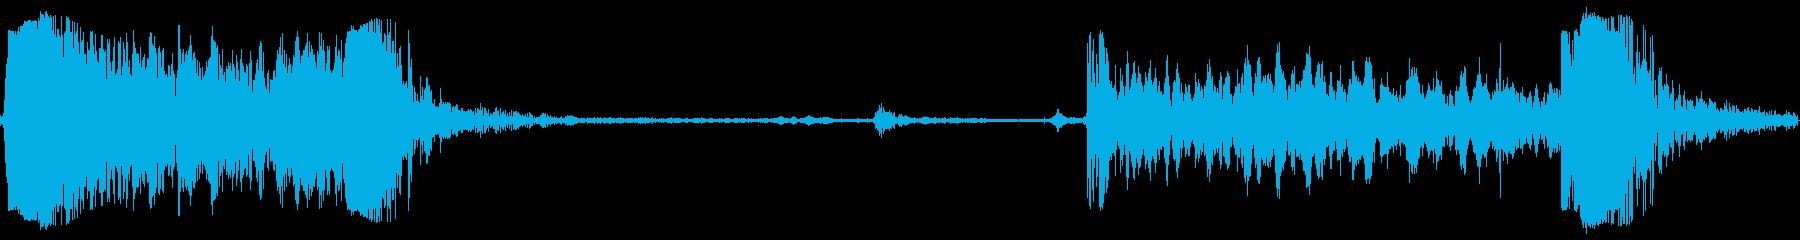 ドアタンク弾薬開いているの再生済みの波形